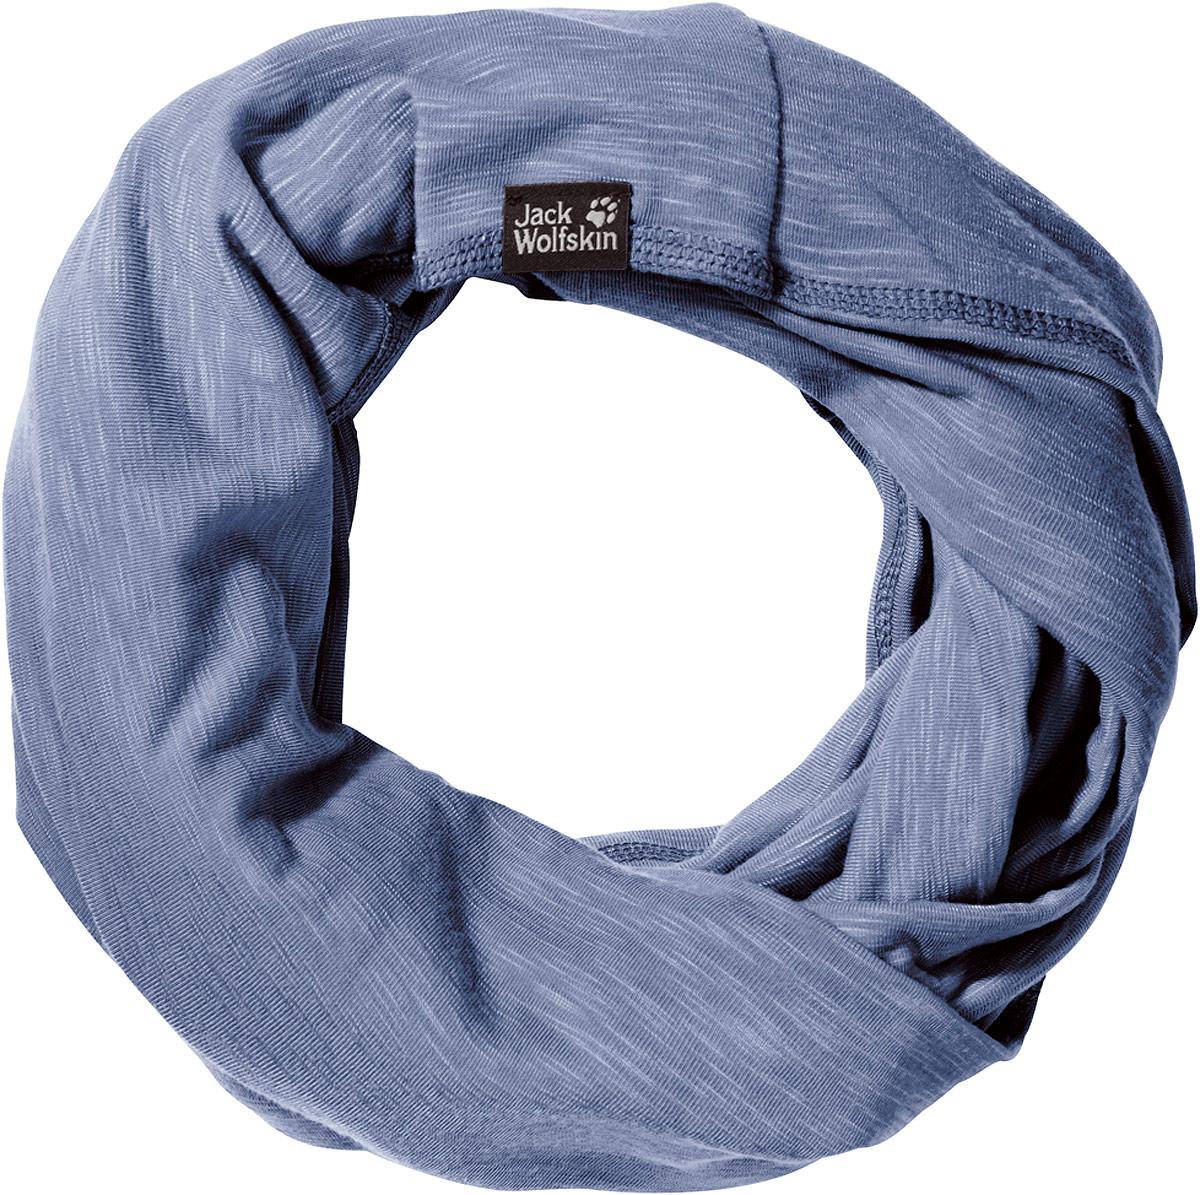 Снуд-хомут Jack Wolfskin Travel Loop, цвет: голубой. 1905771-1405. Размер универсальный1905771-1405Снуд-хомут Travel Loop изготовлен из полиэстера с добавлением эластана. Ткань мягкая и приятная на ощупь, но при этом очень прочная. Шарф быстро сохнет и предотвращает образование неприятных запахов. Такой шарф - практичное и комфортное решение для прохладной погоды. Изделие согреет и защитит от ветра, а также станет завершающей деталью вашего образа.